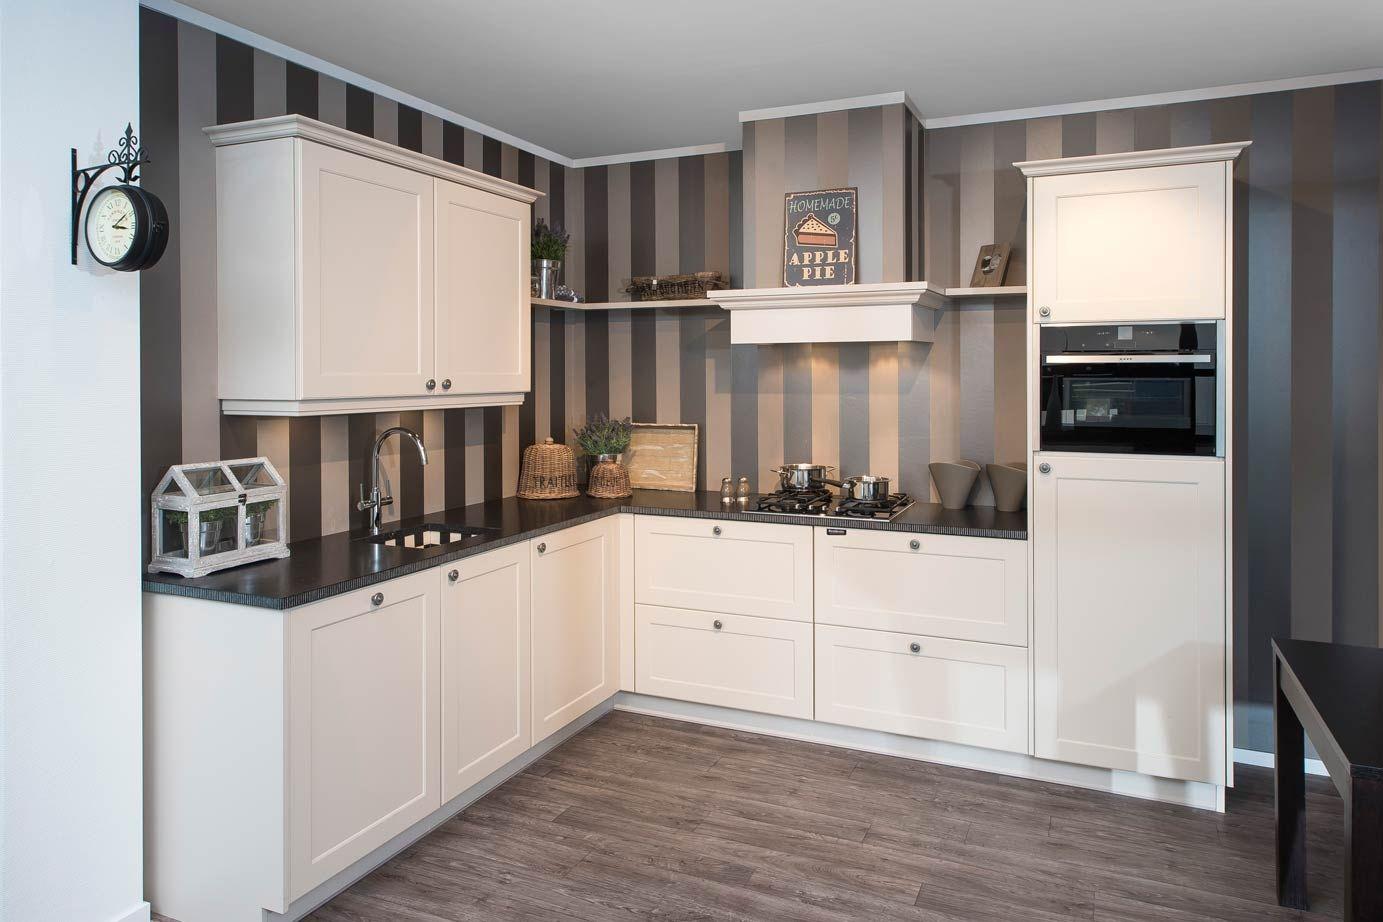 Keuken Inclusief Montage : Nieuw complete keuken inclusief montage decoration